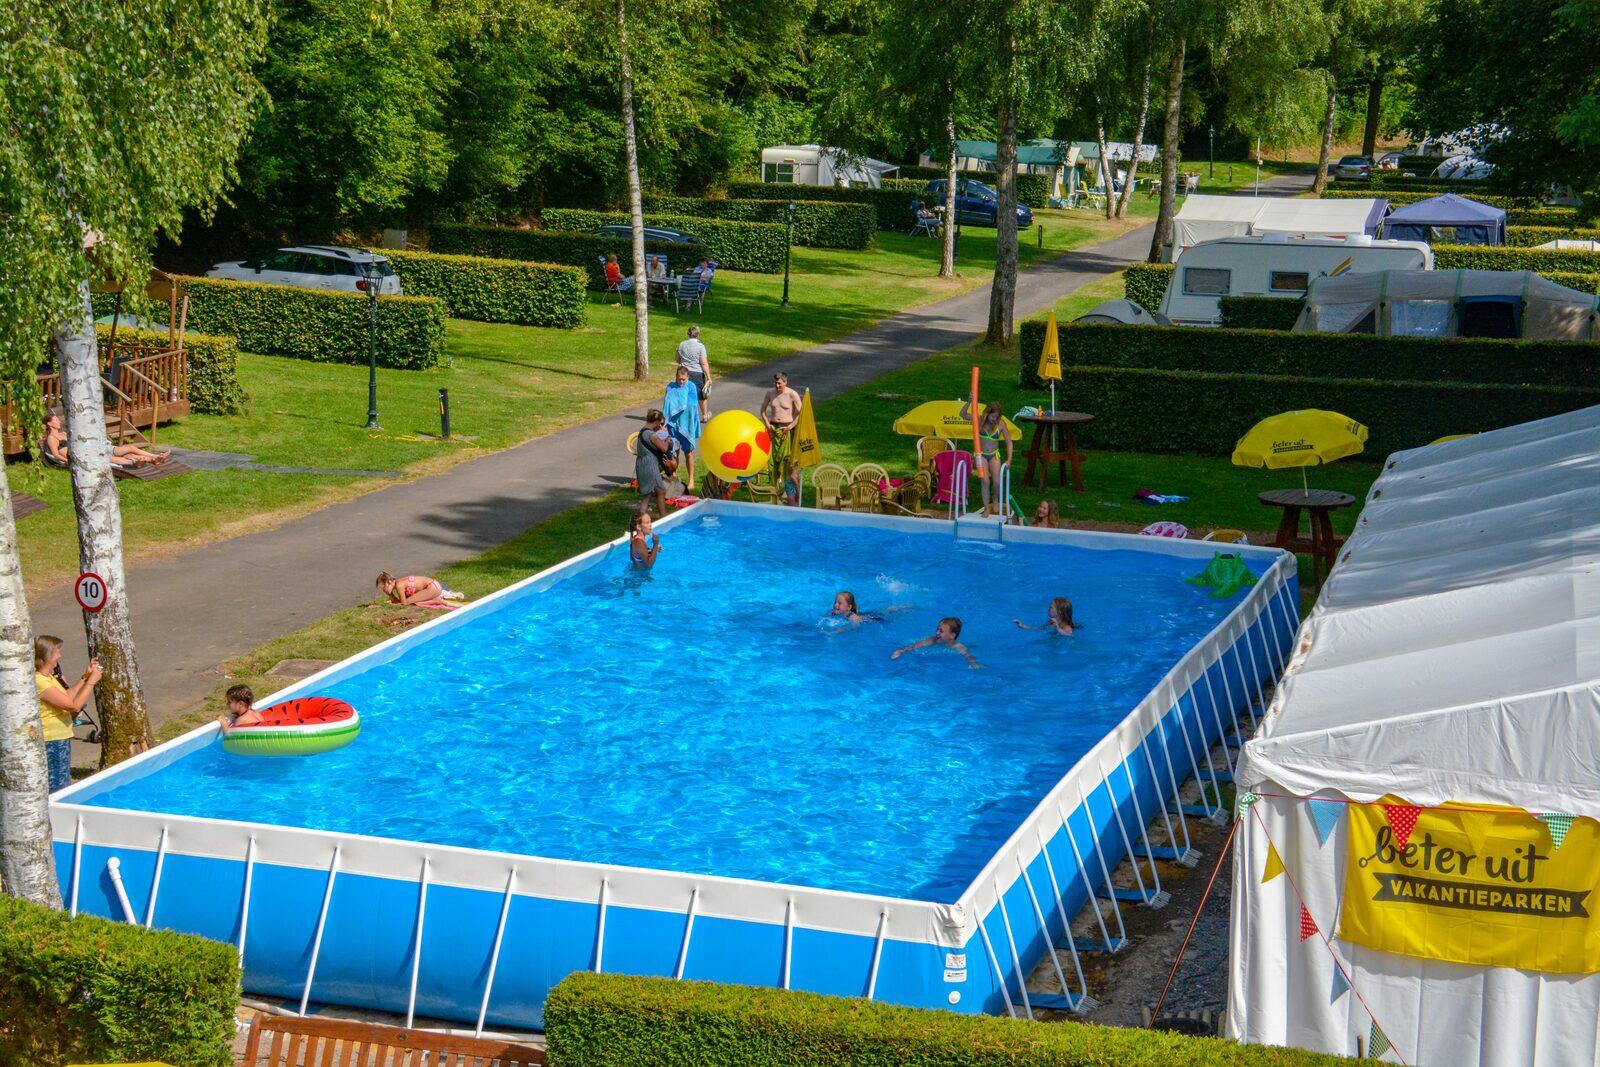 Zwembad Walsdorf met kinderen vanaf dak